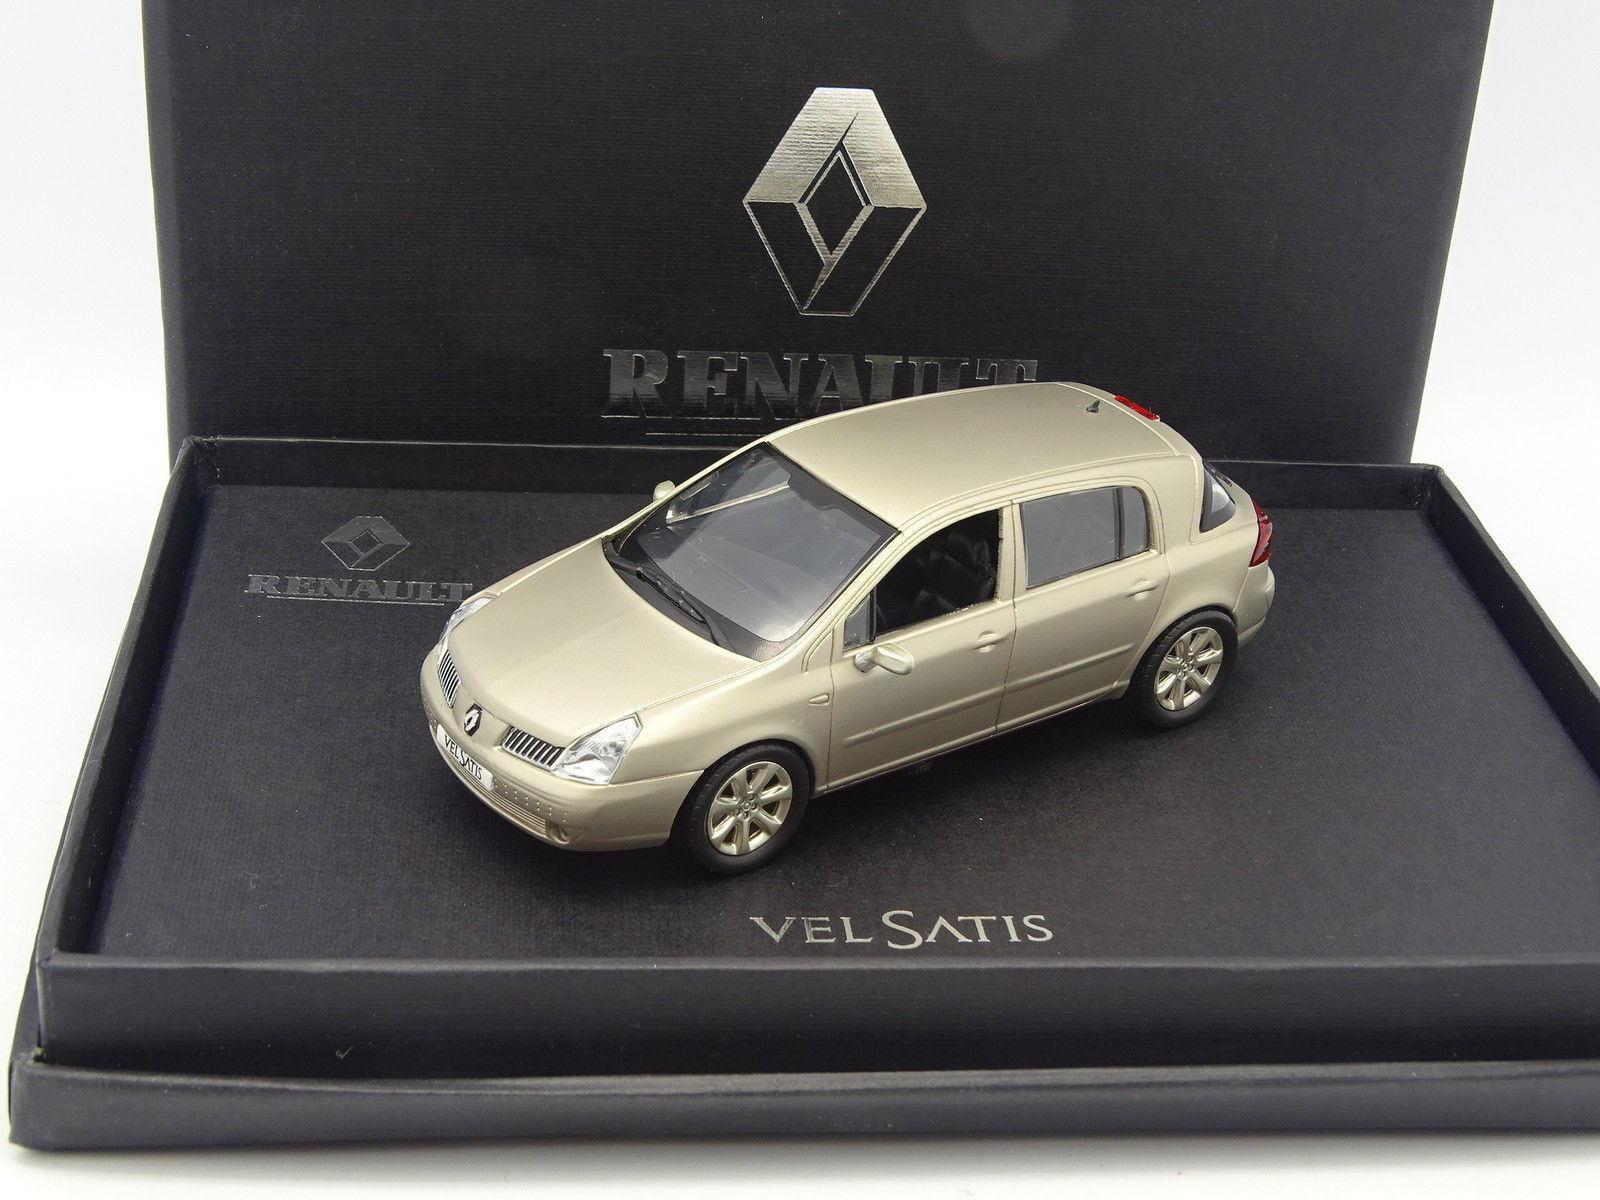 Norev 1/43 - Renault Vel Satis 3.5 V6 Light Oro